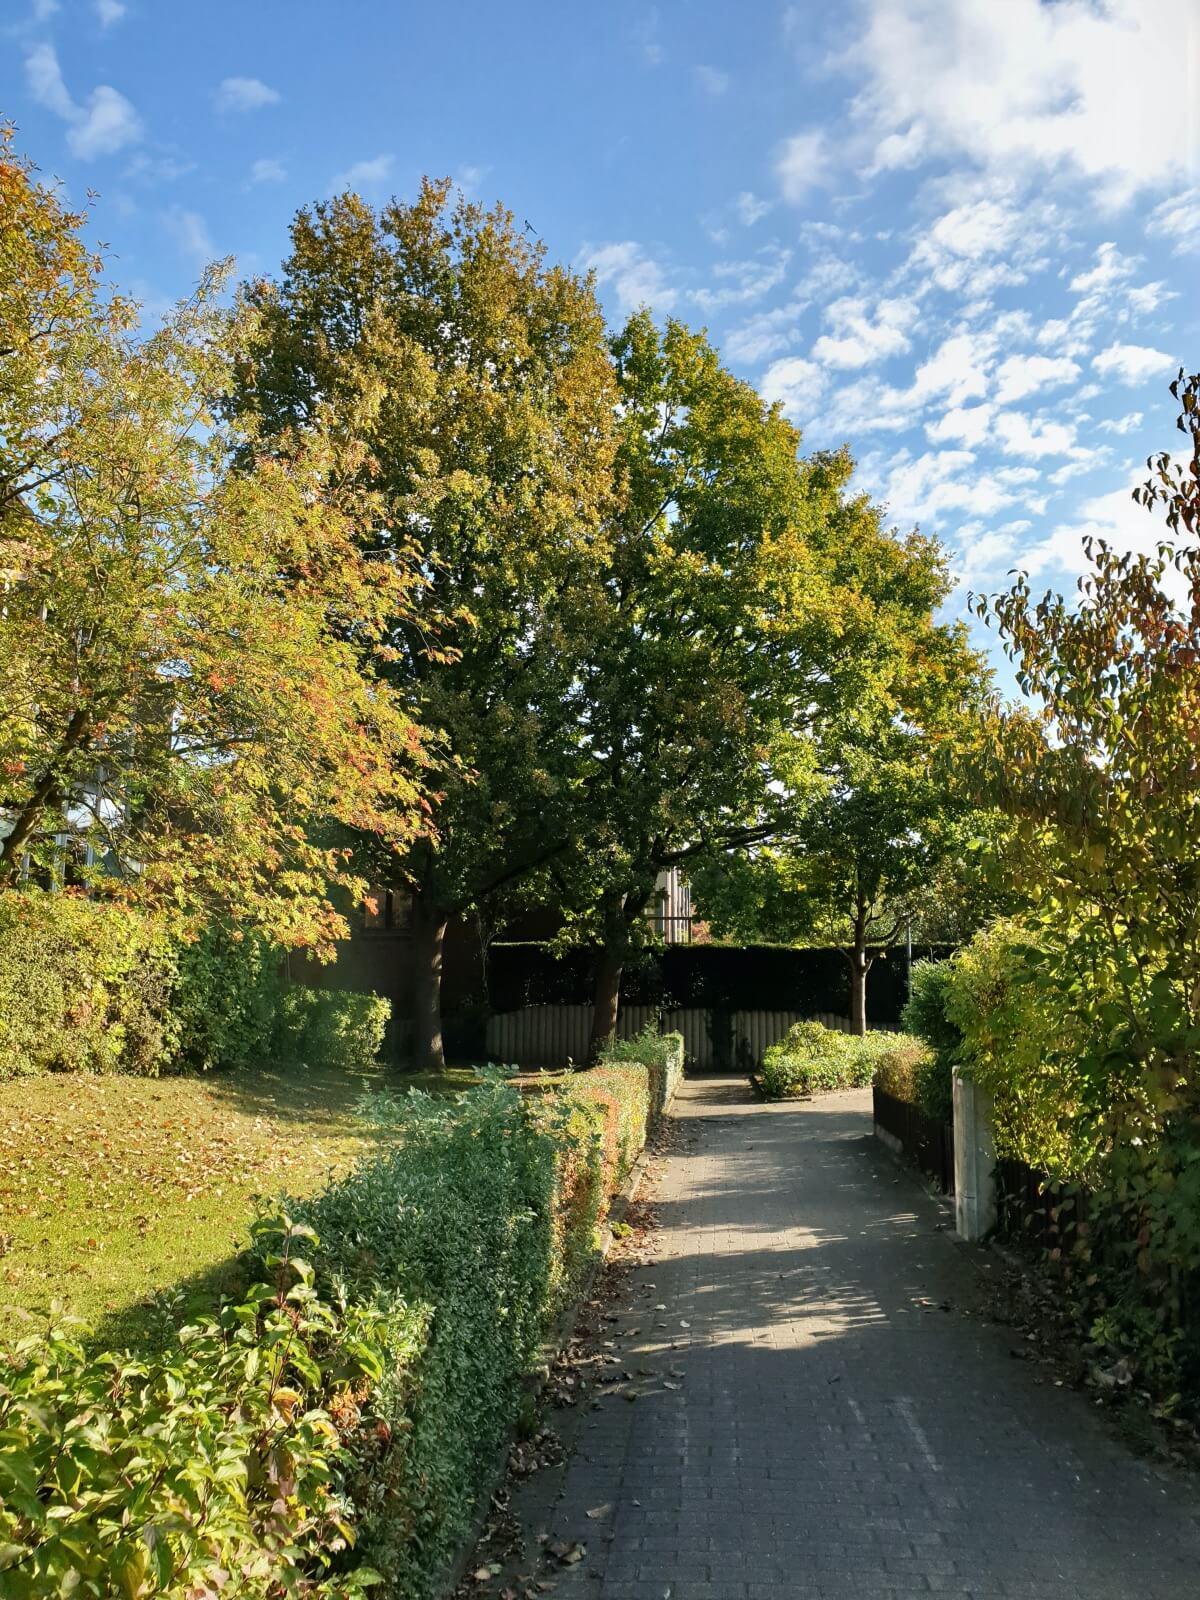 Gartenholz, Ahrensburg. Wohnen im Grünen